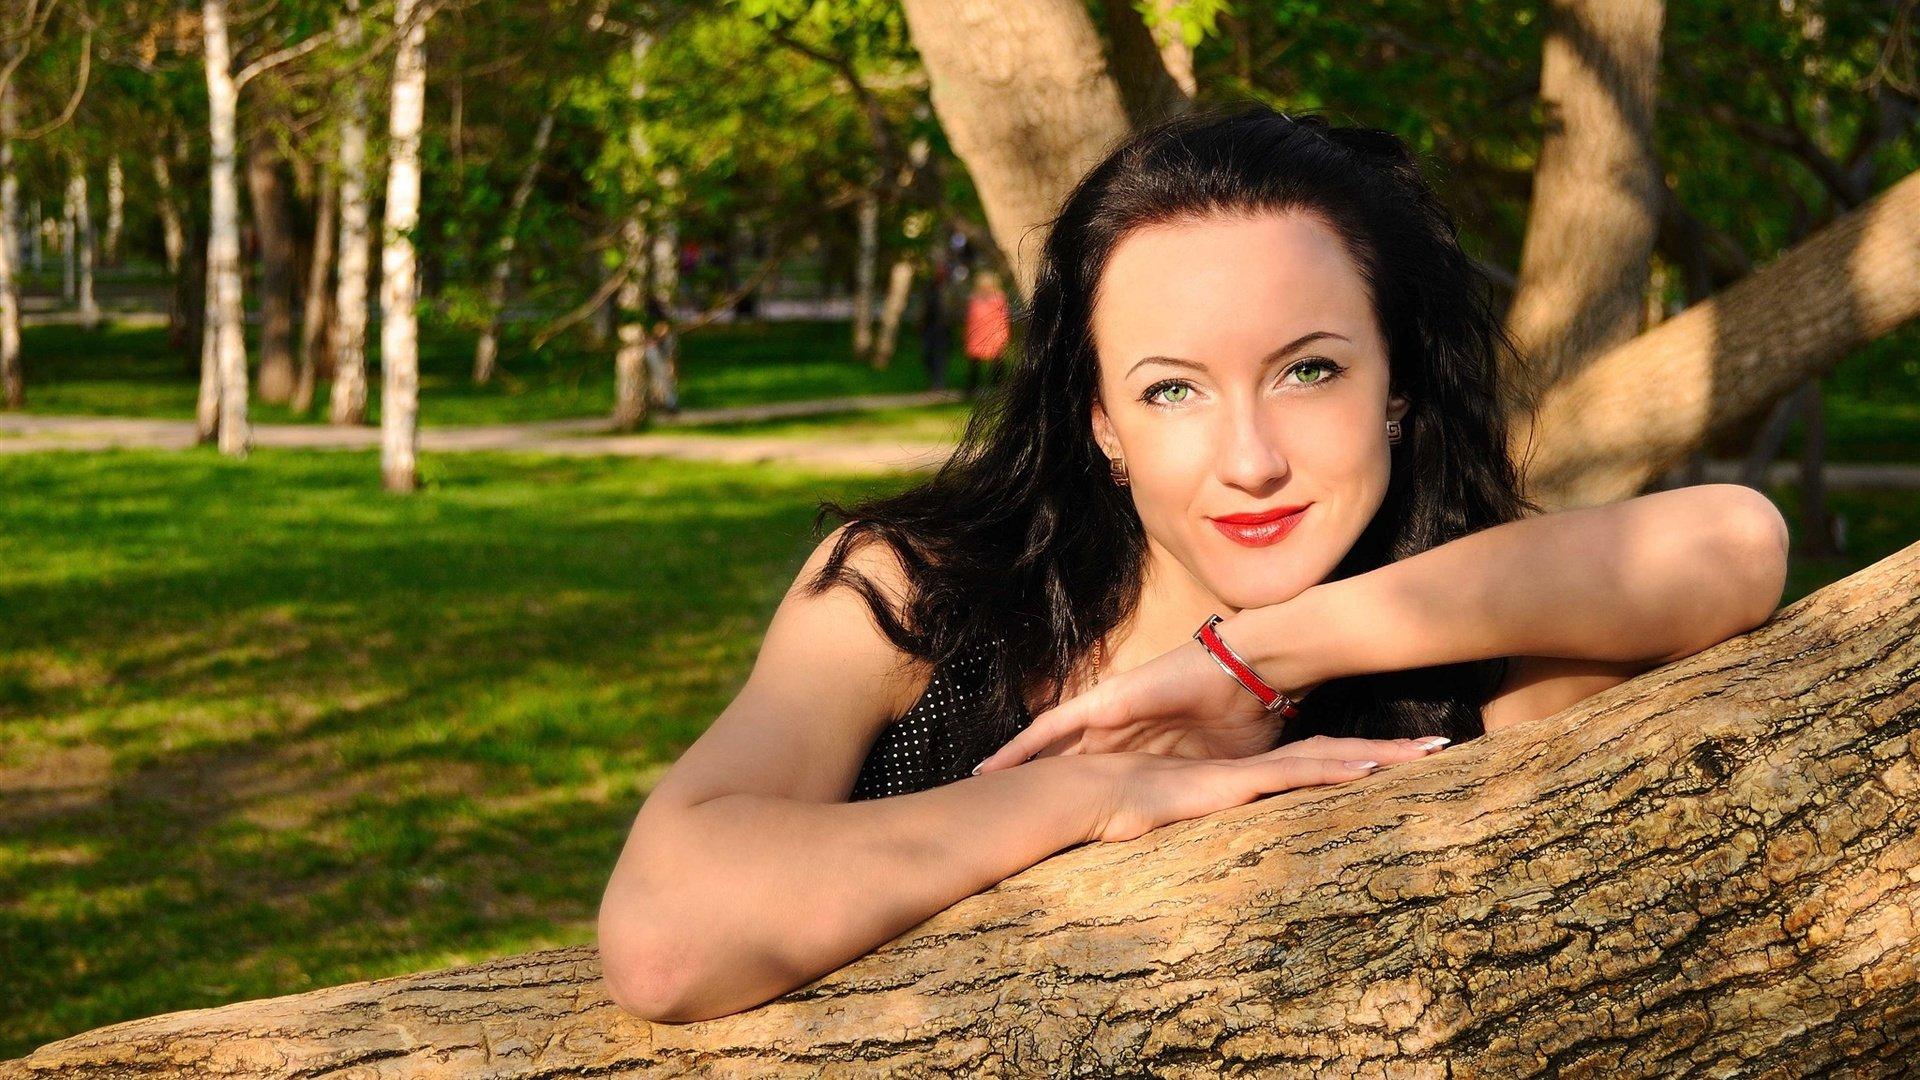 Фото девушек брюнеток простых 23 фотография